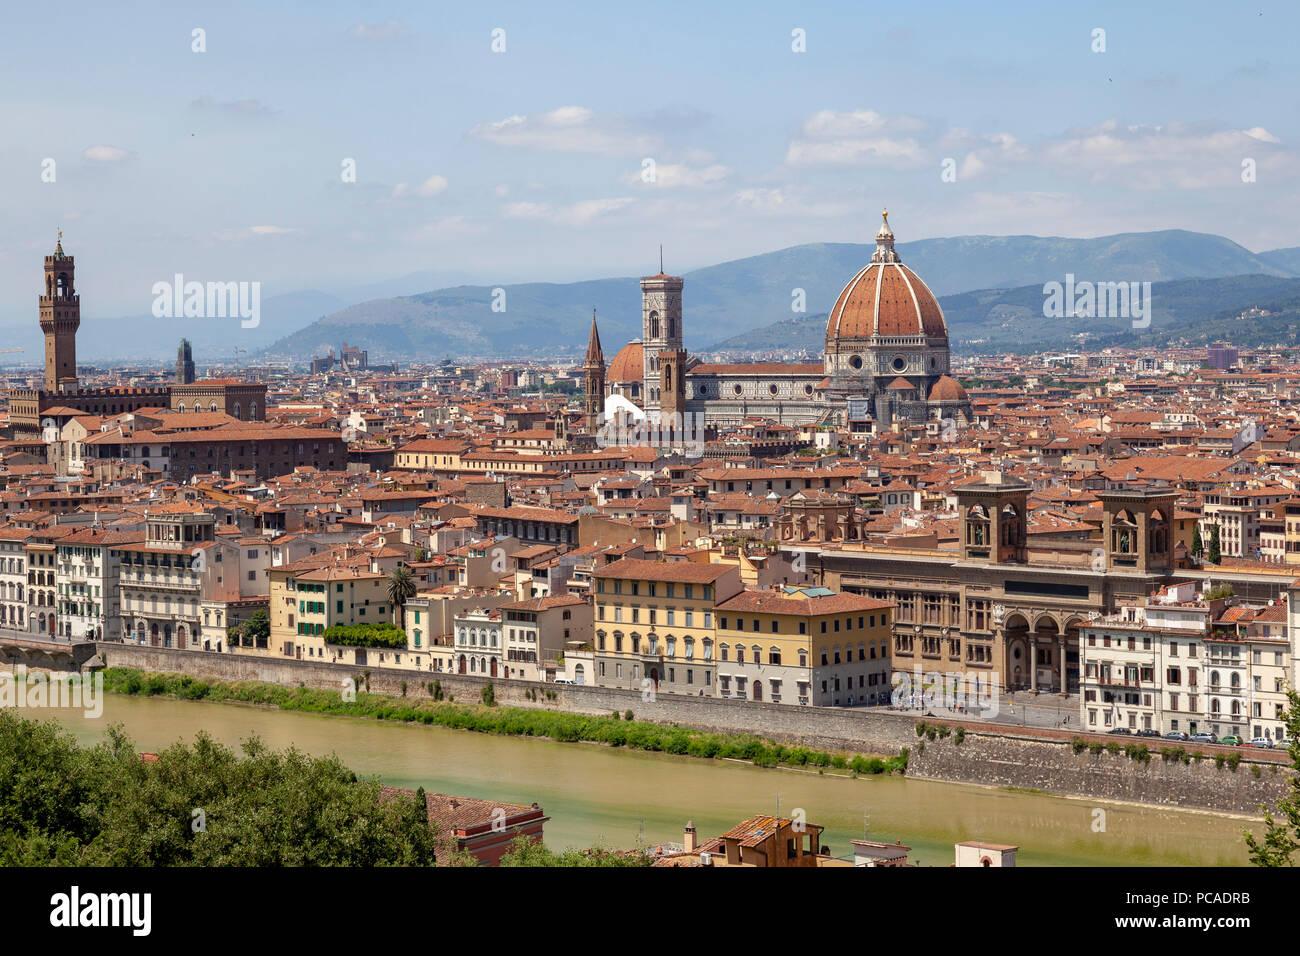 Vue prise du point de vue de la place MichelAngelo et concentrer le centre historique de Florence. Photo Stock